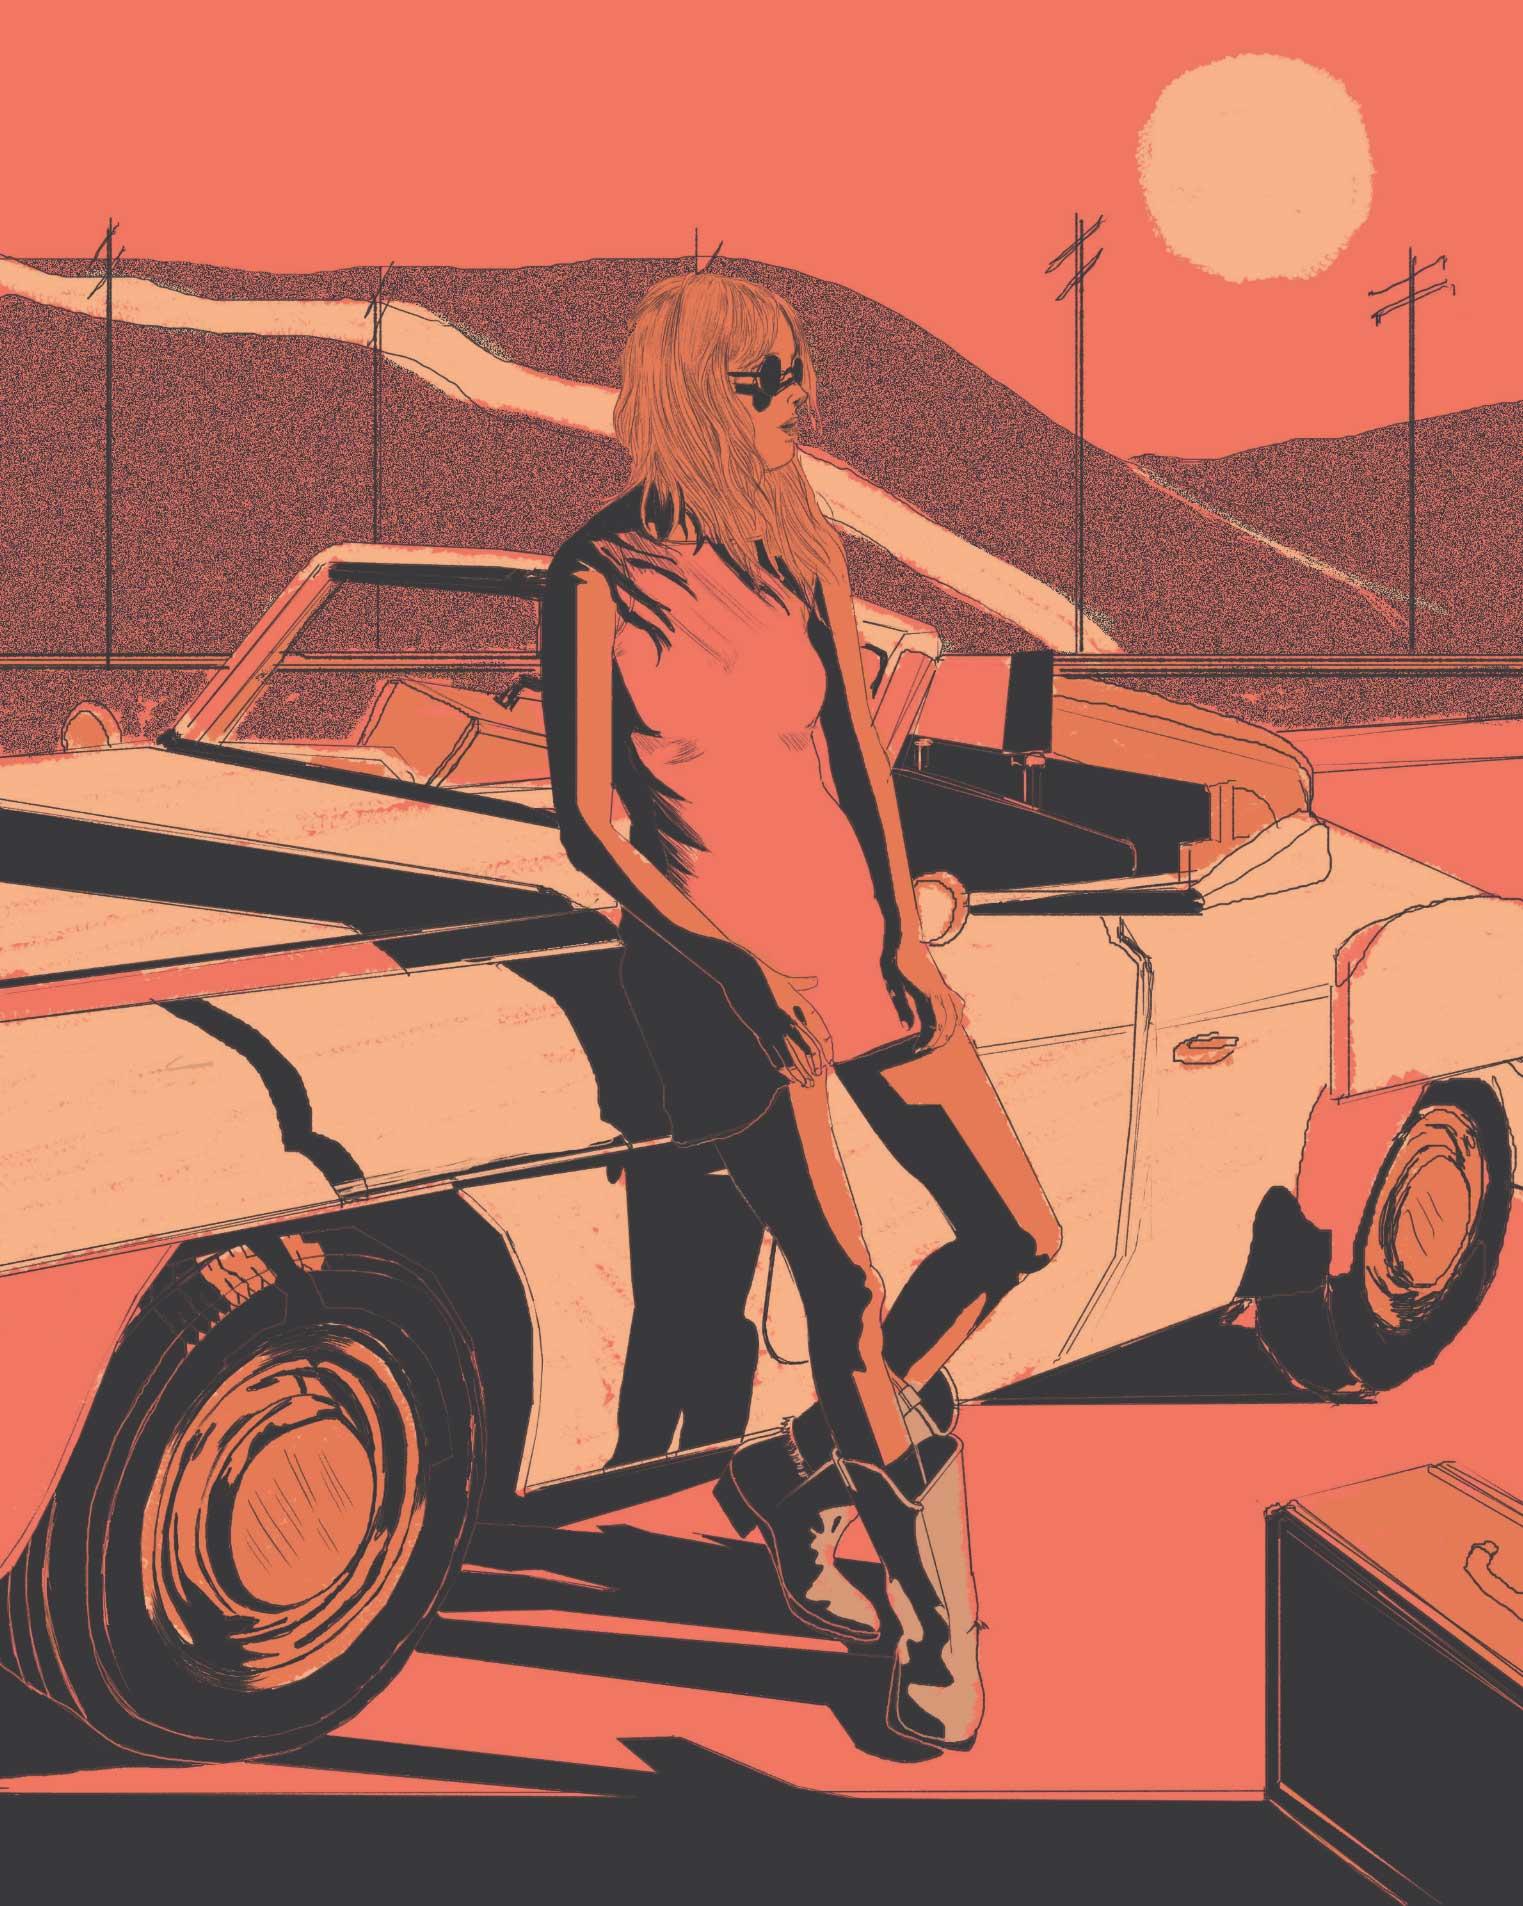 Illustration: Nicole Rifkin Nicole-Rifkin-illustration_02